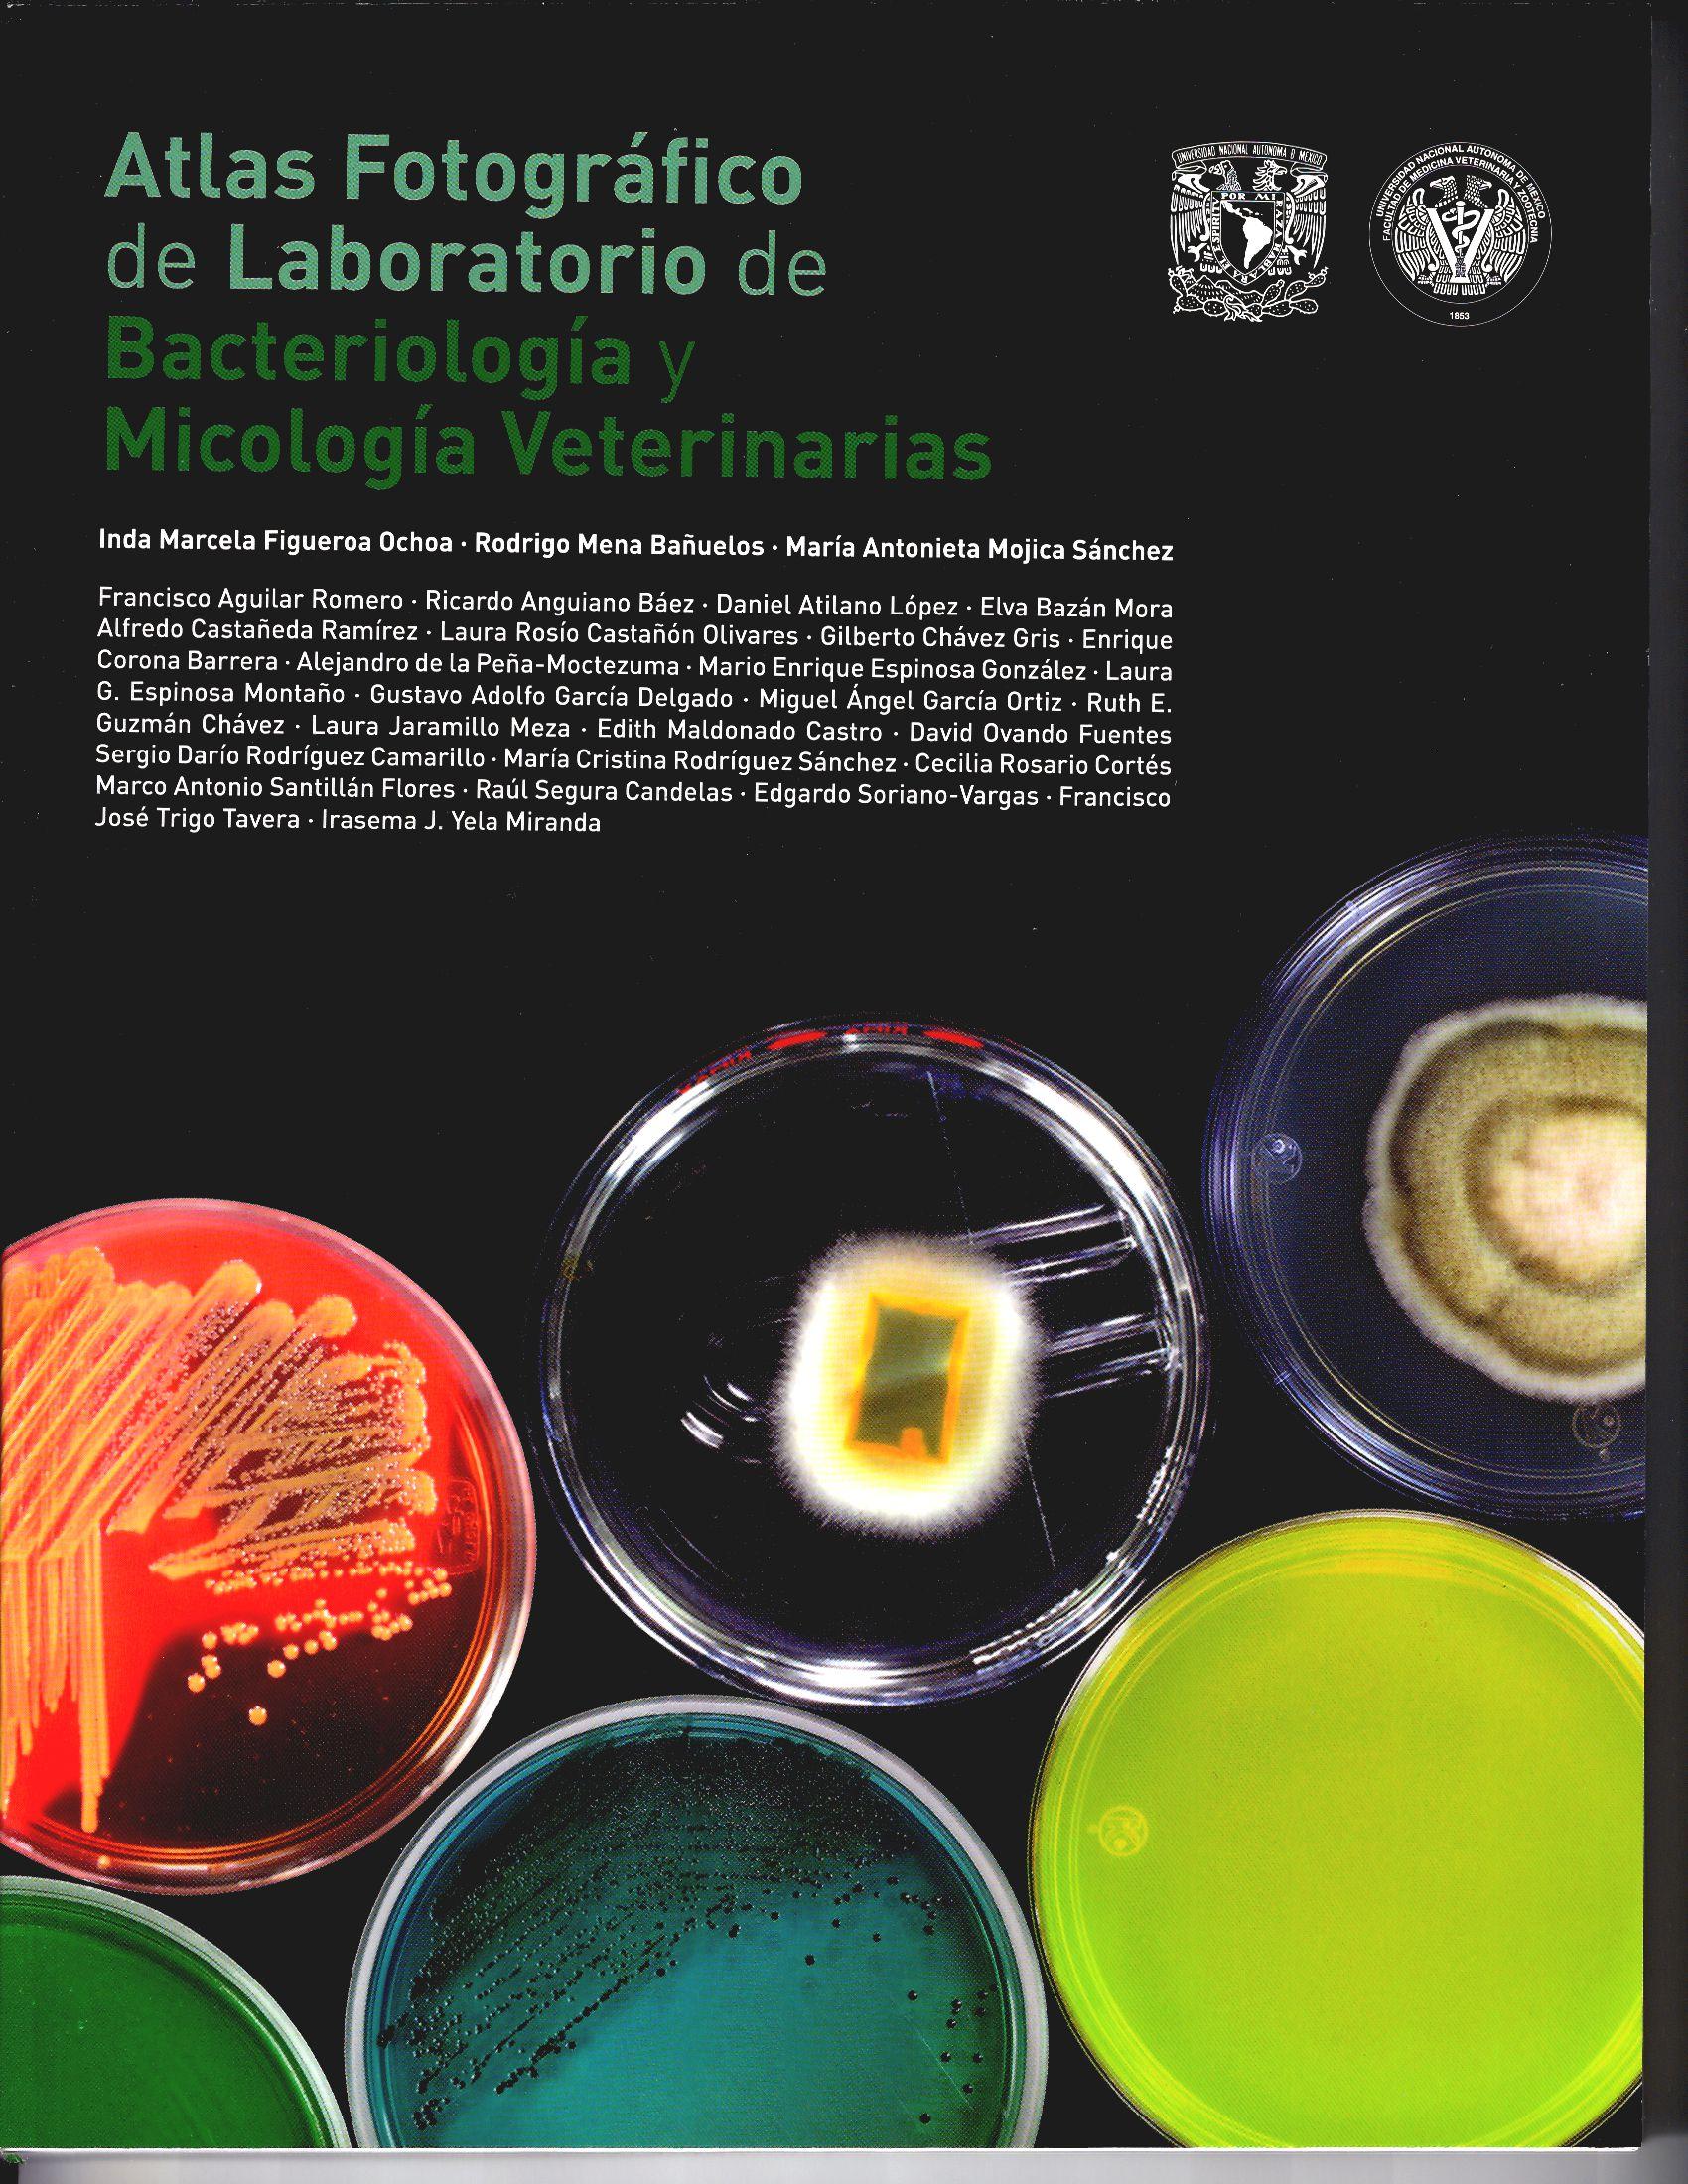 Atlas fotográfico de laboratorio de bacteriología y micología veterinaria